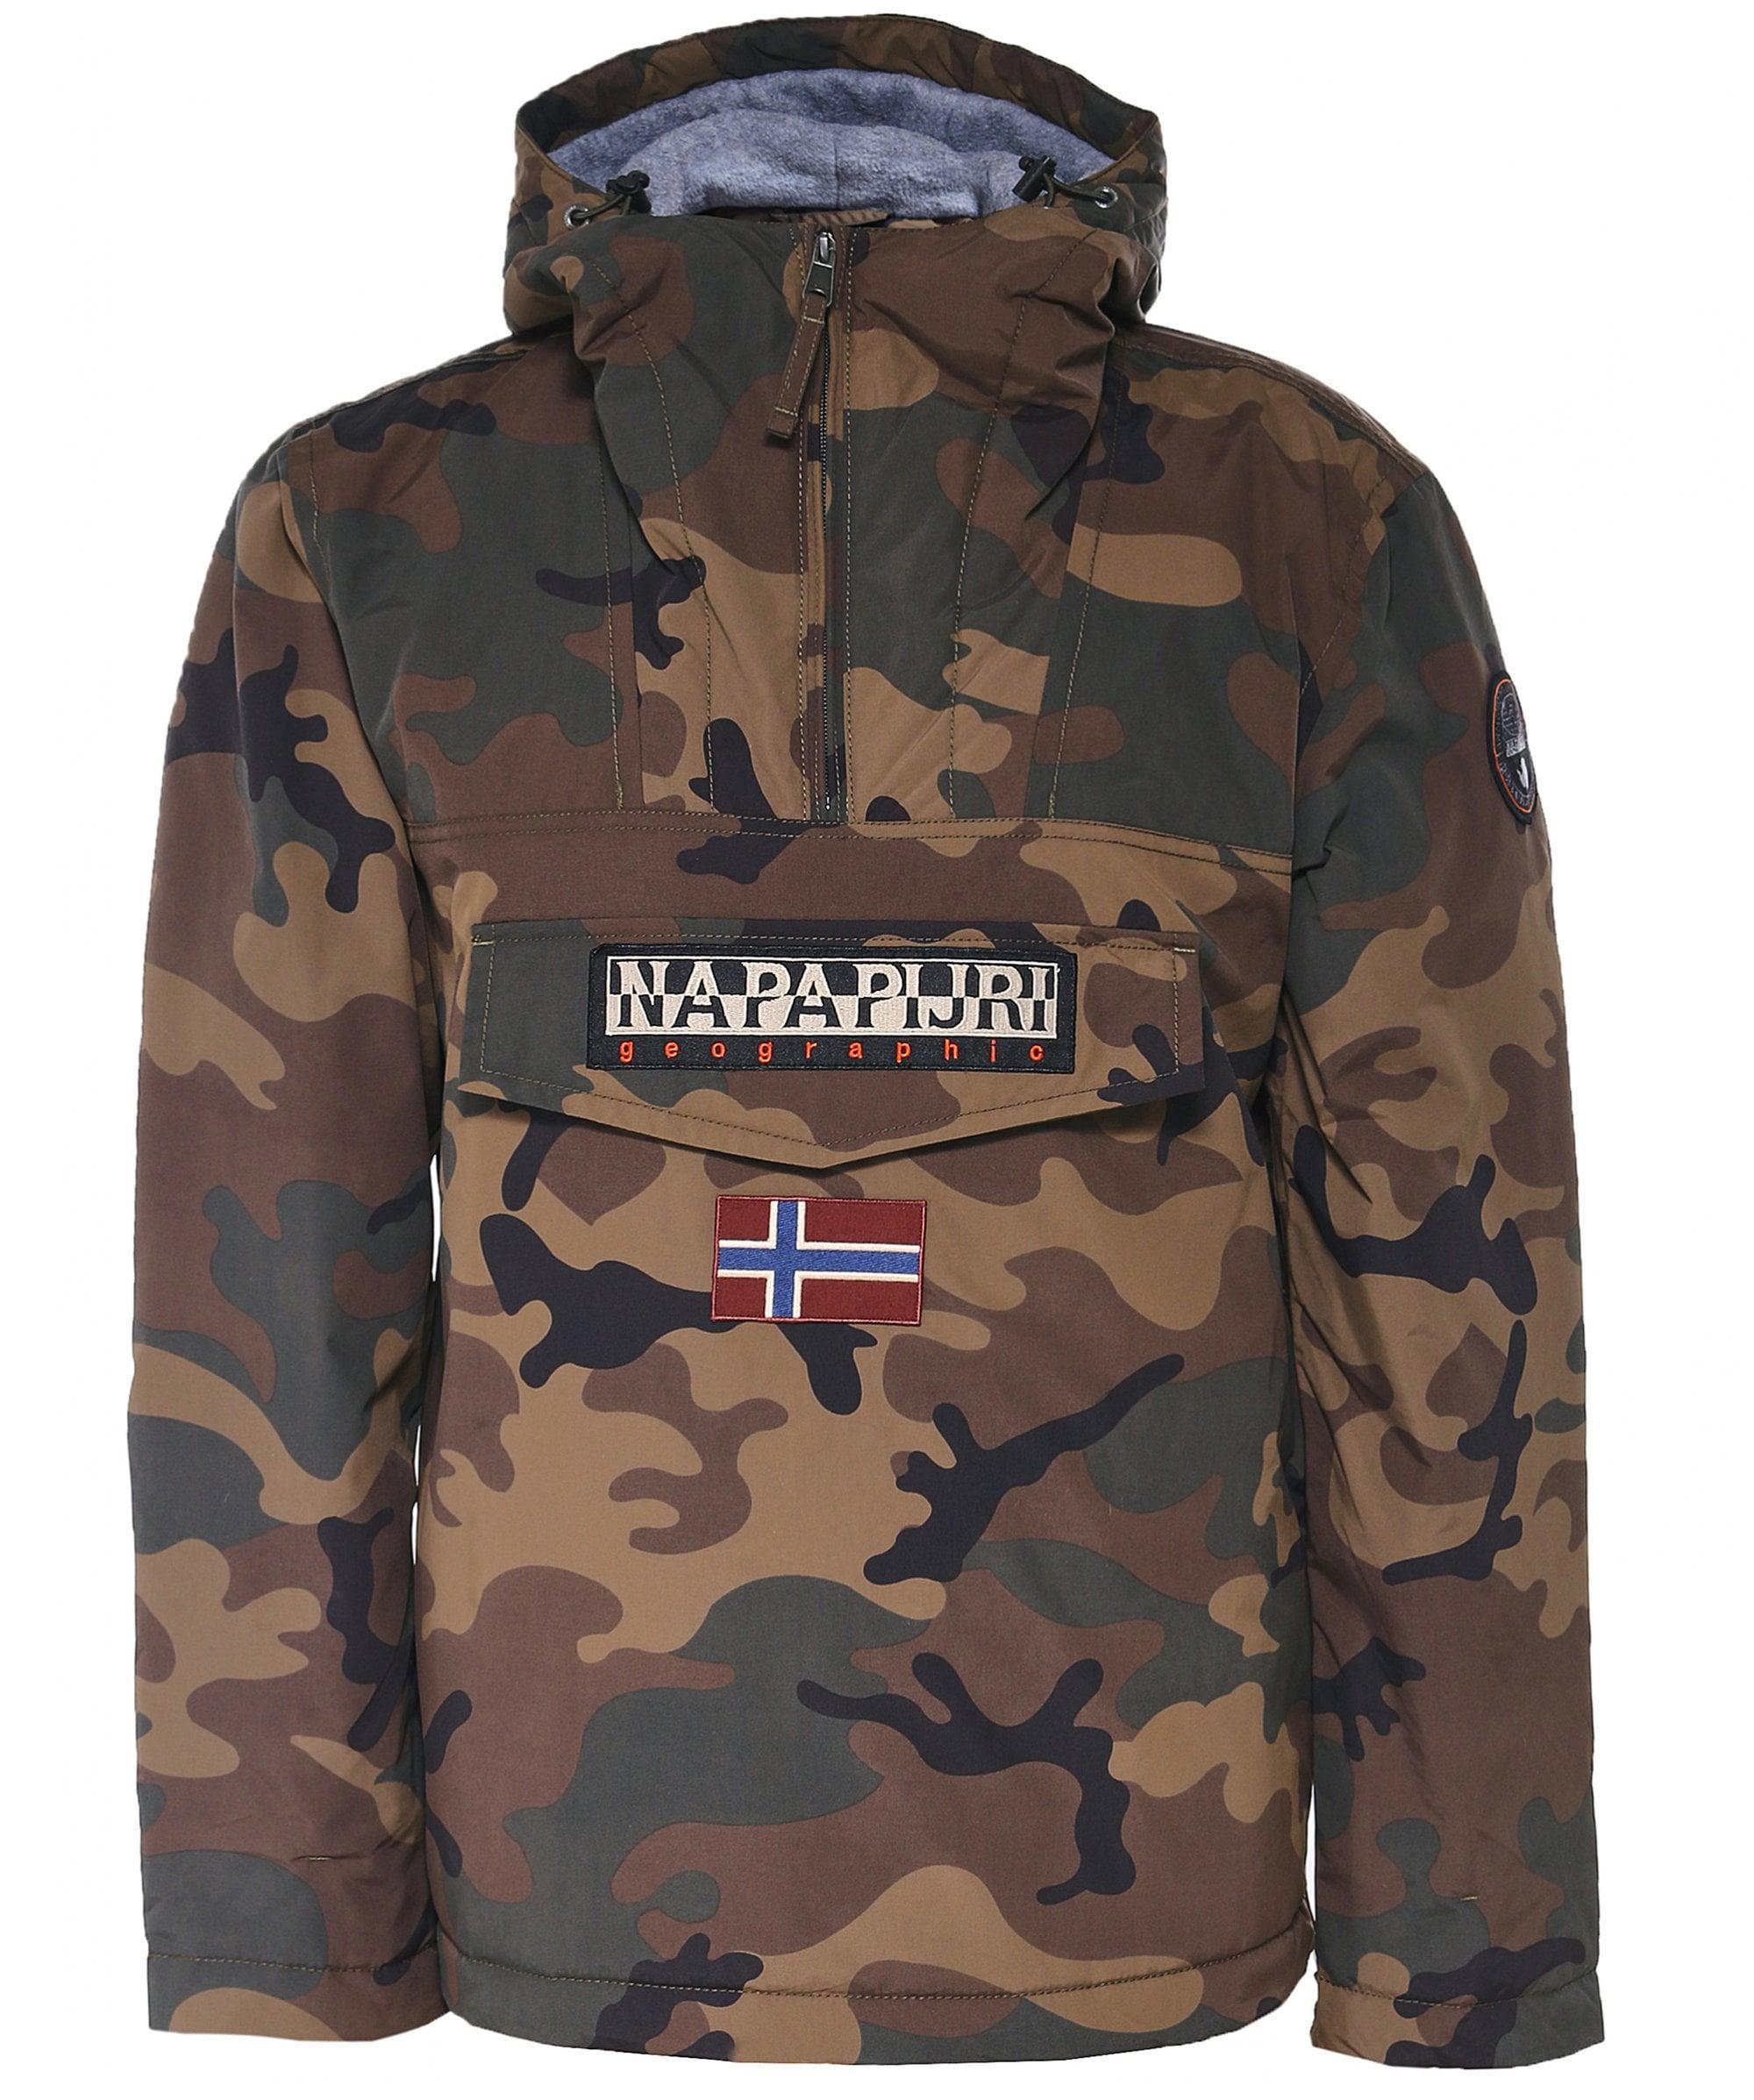 6b5d2ee692244 Napapijri Waterproof Rainforest Camouflage Jacket for Men - Lyst